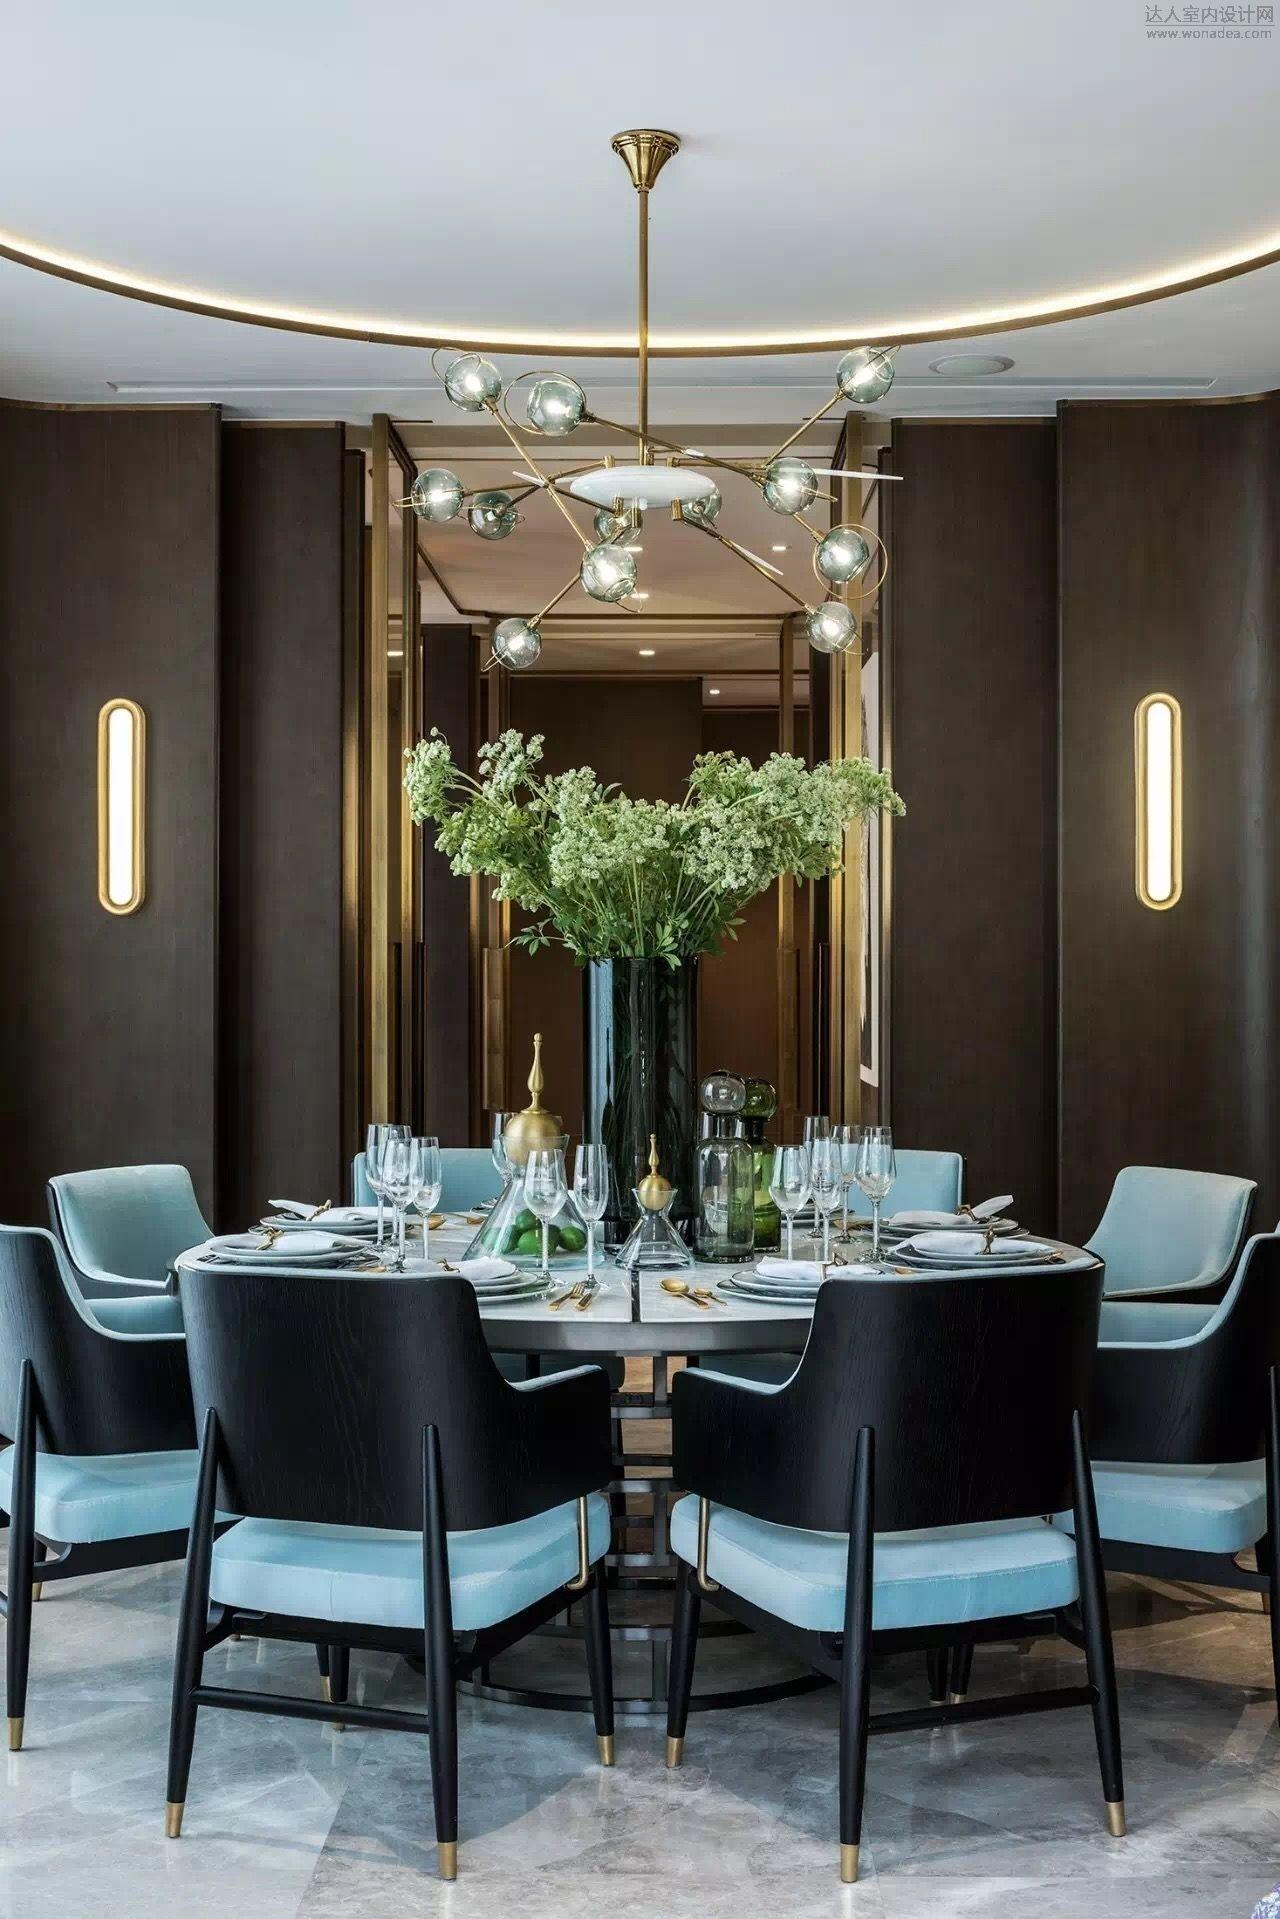 Pin By Joker On Room Dining Room Design Luxury Dining Room